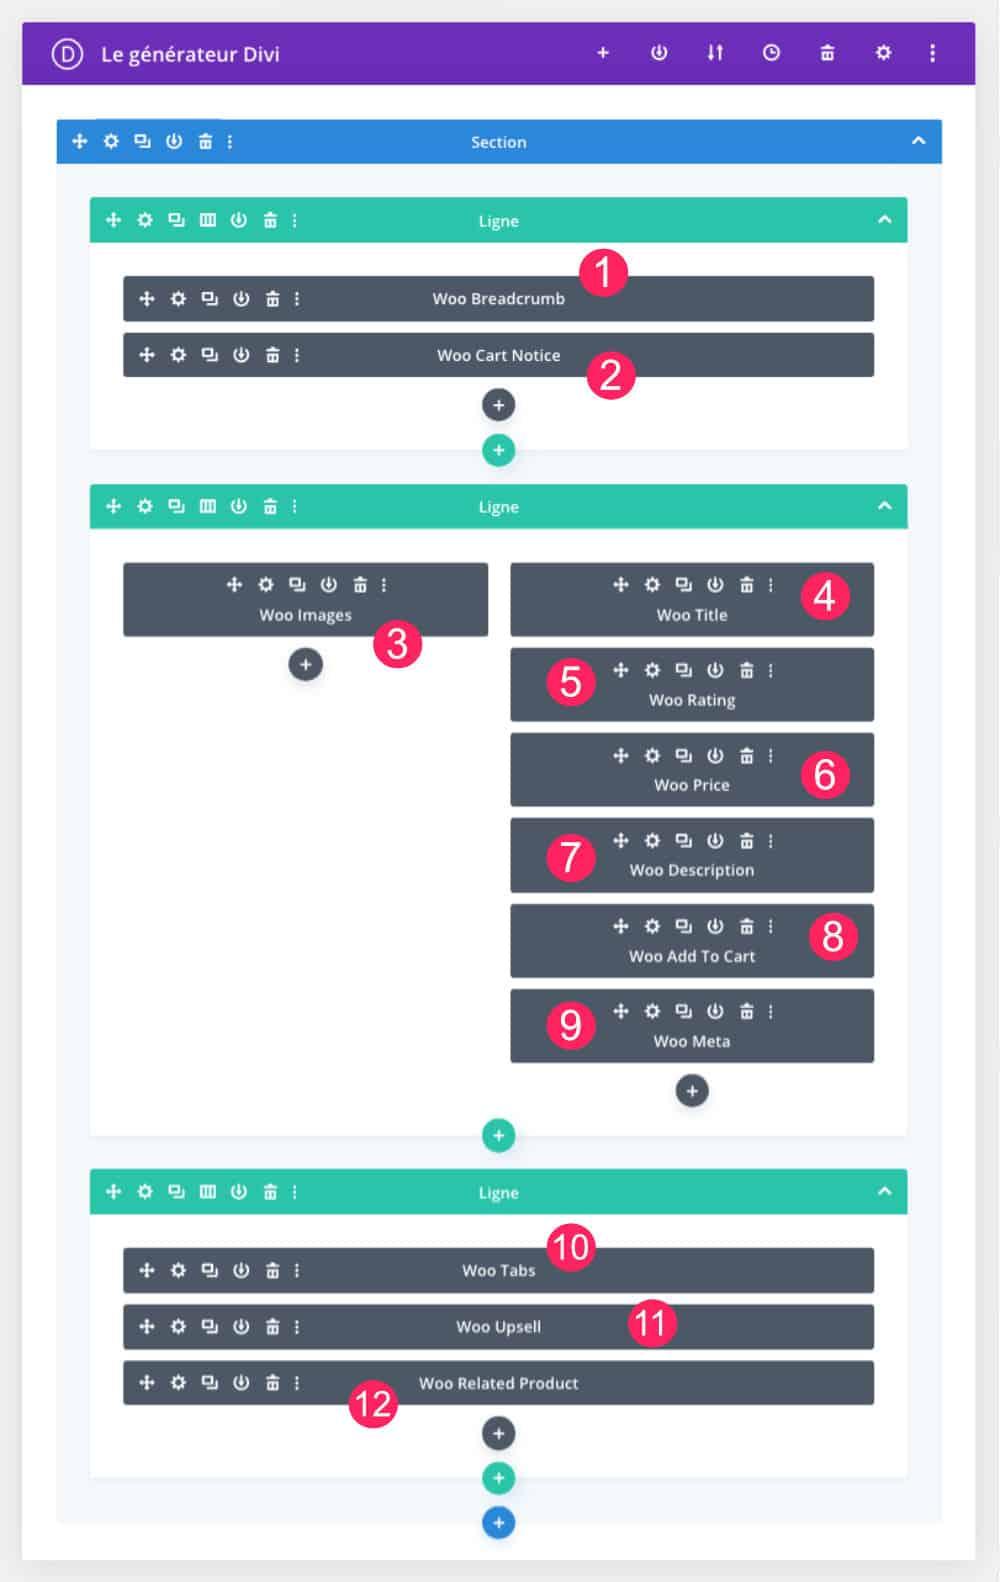 Divi modules constituant une fiche produit